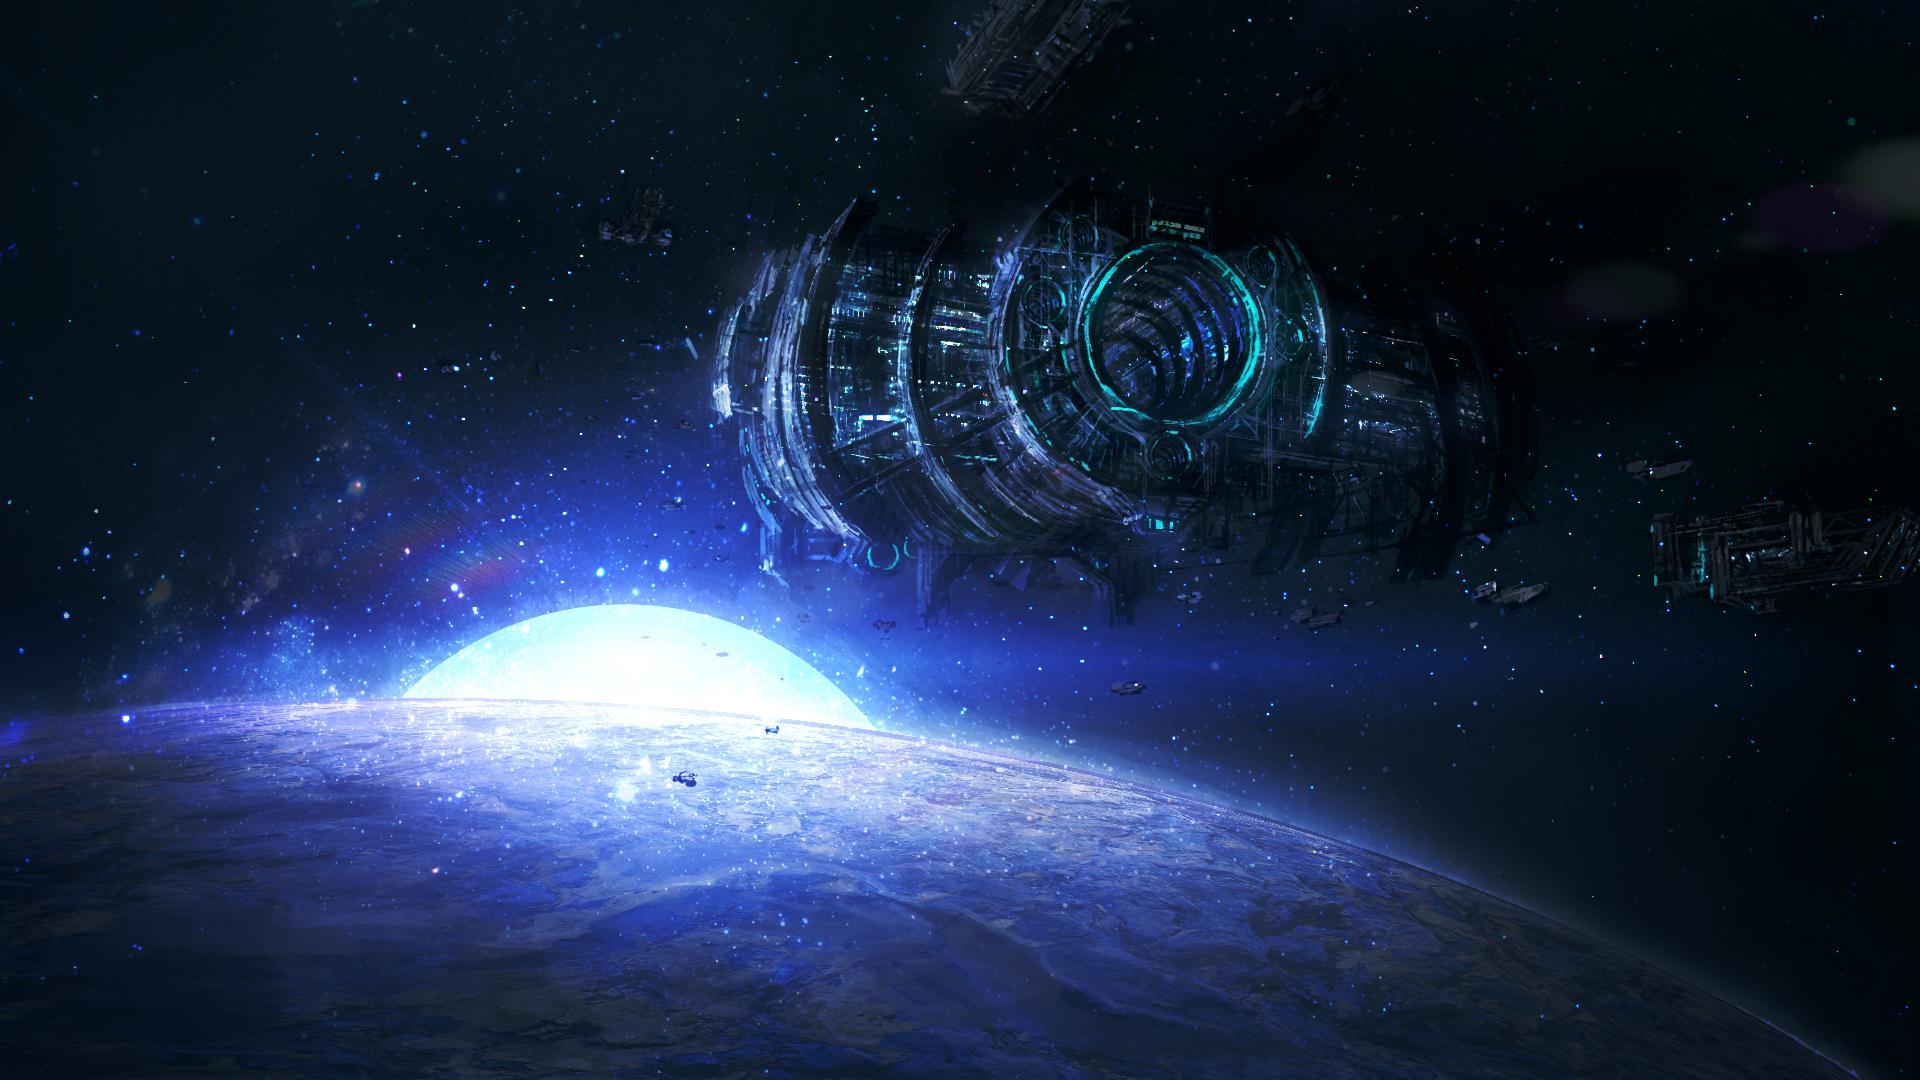 Обои космос планета корабль картинки на рабочий стол на тему Космос - скачать  № 3125484 загрузить